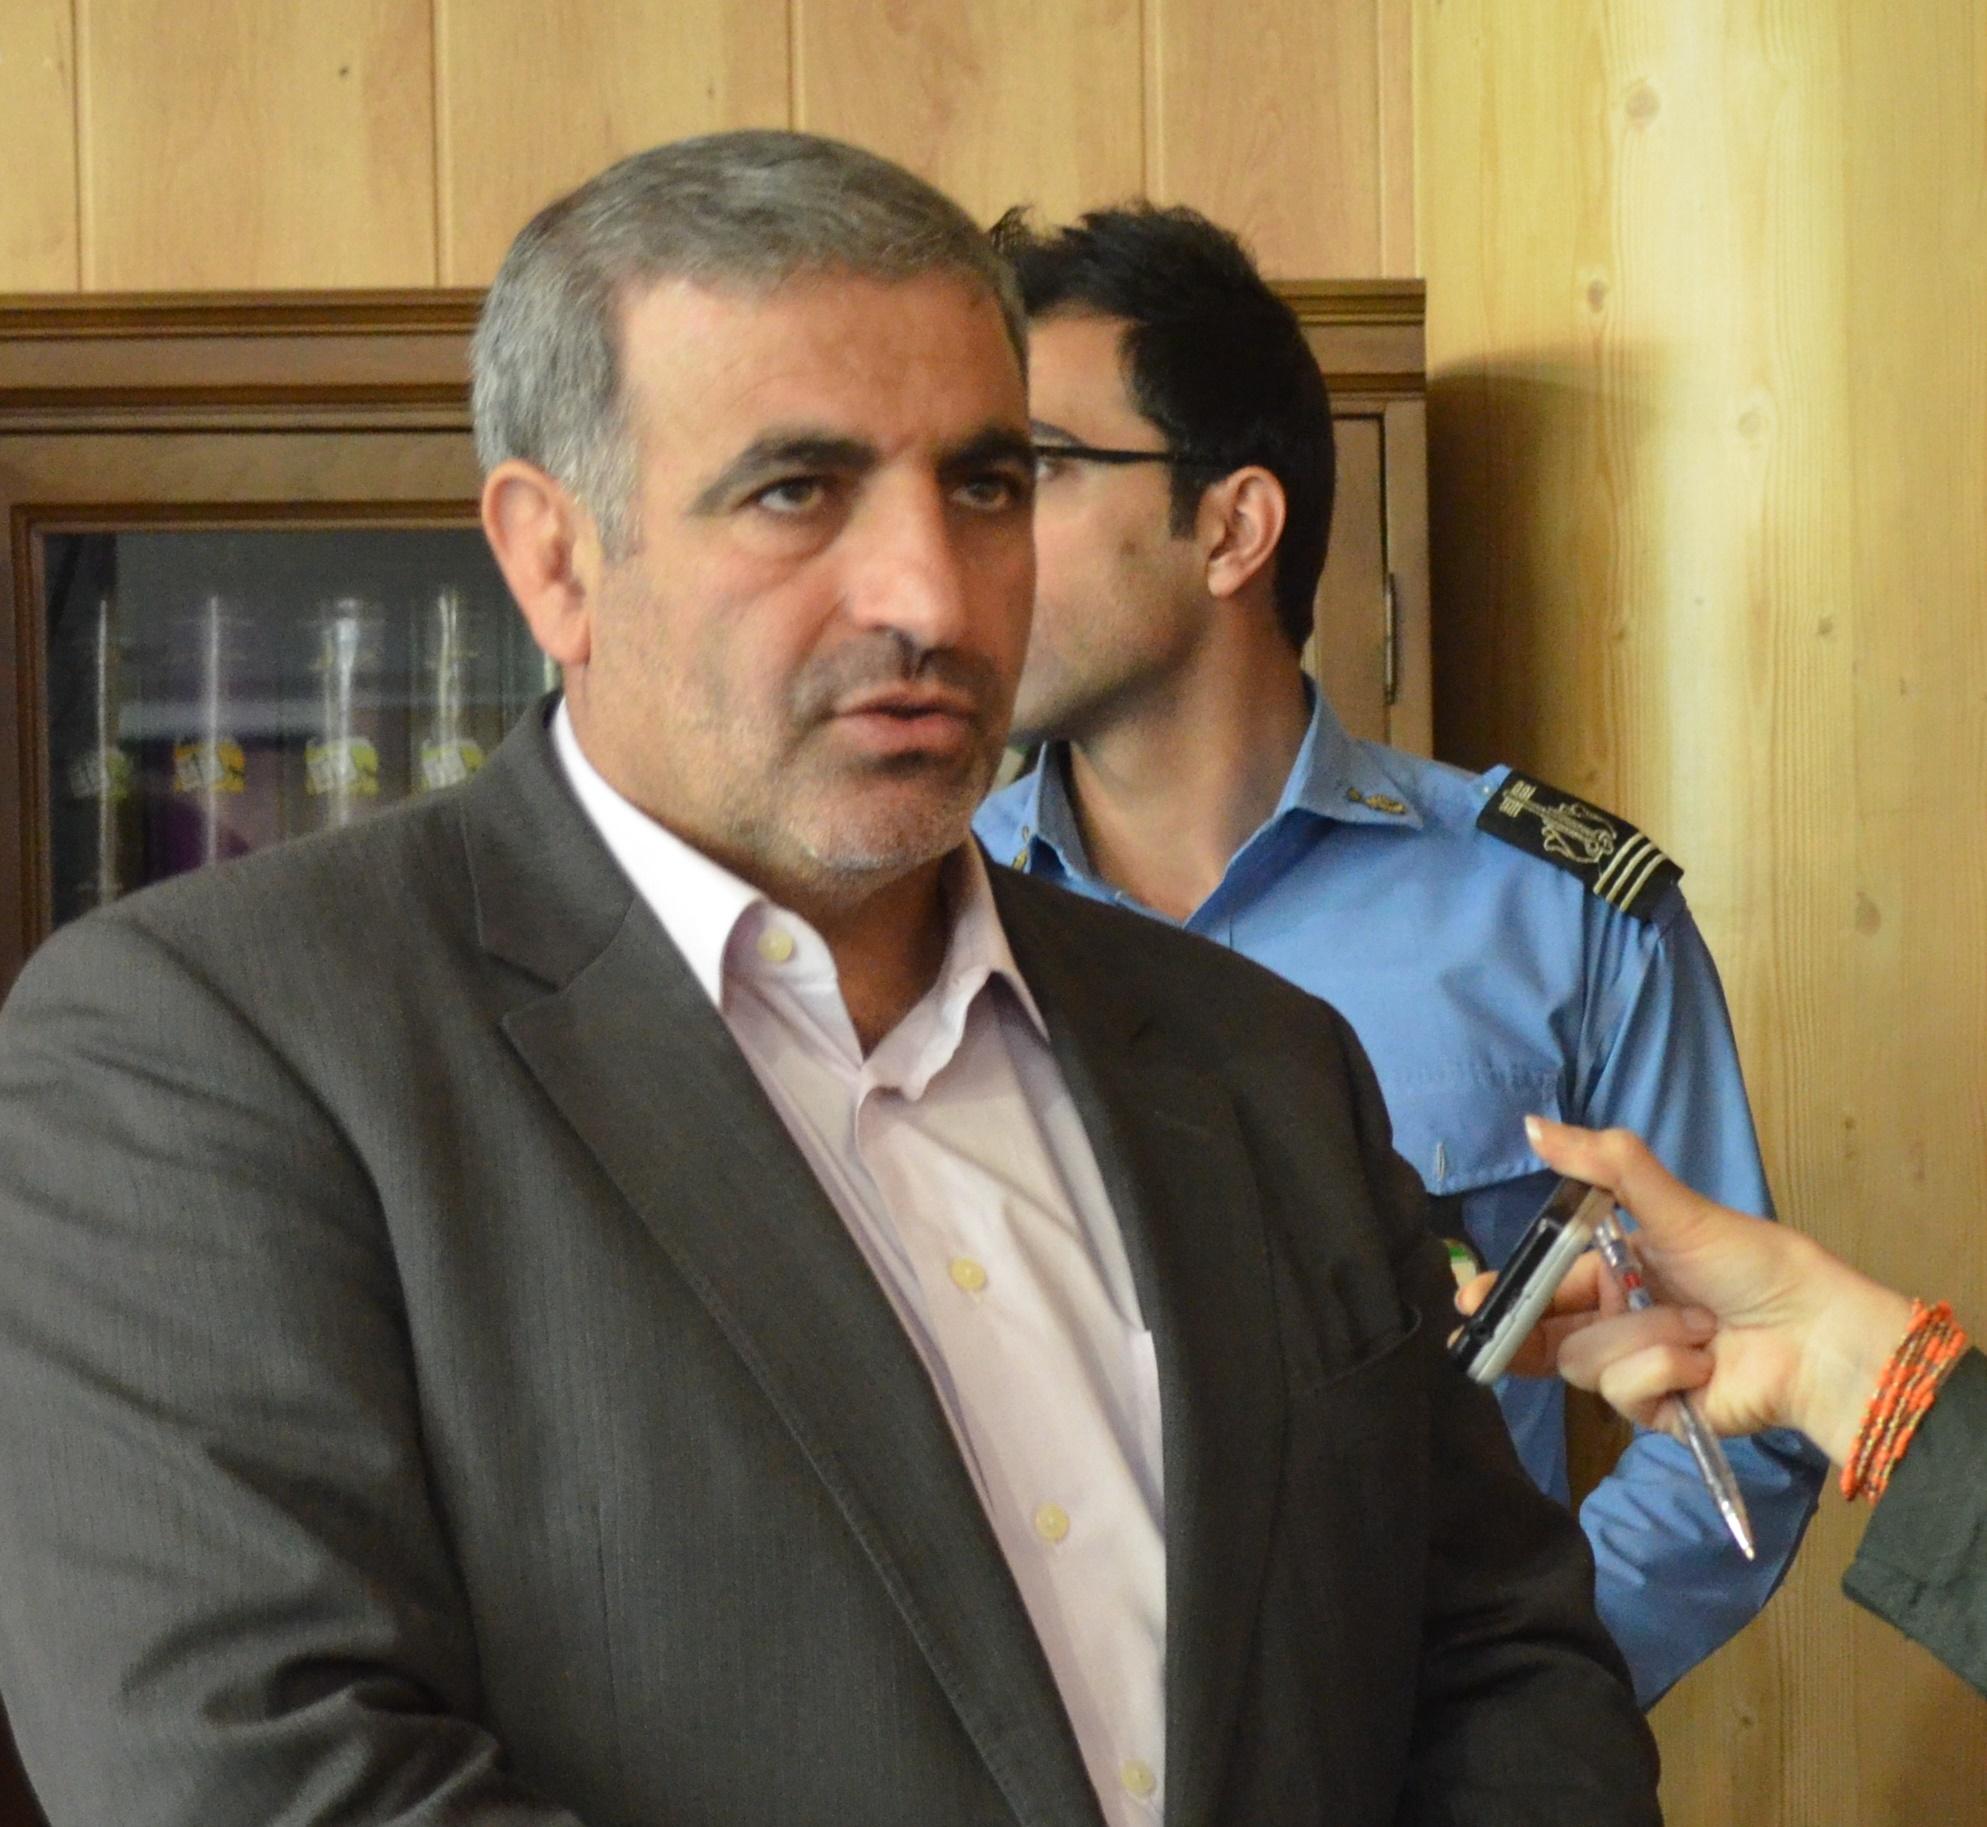 گلایه رئیس کمیسیون فرهنگی شهر کرج از عدم تحول چهره شهر در اعیاد ماه شعبان